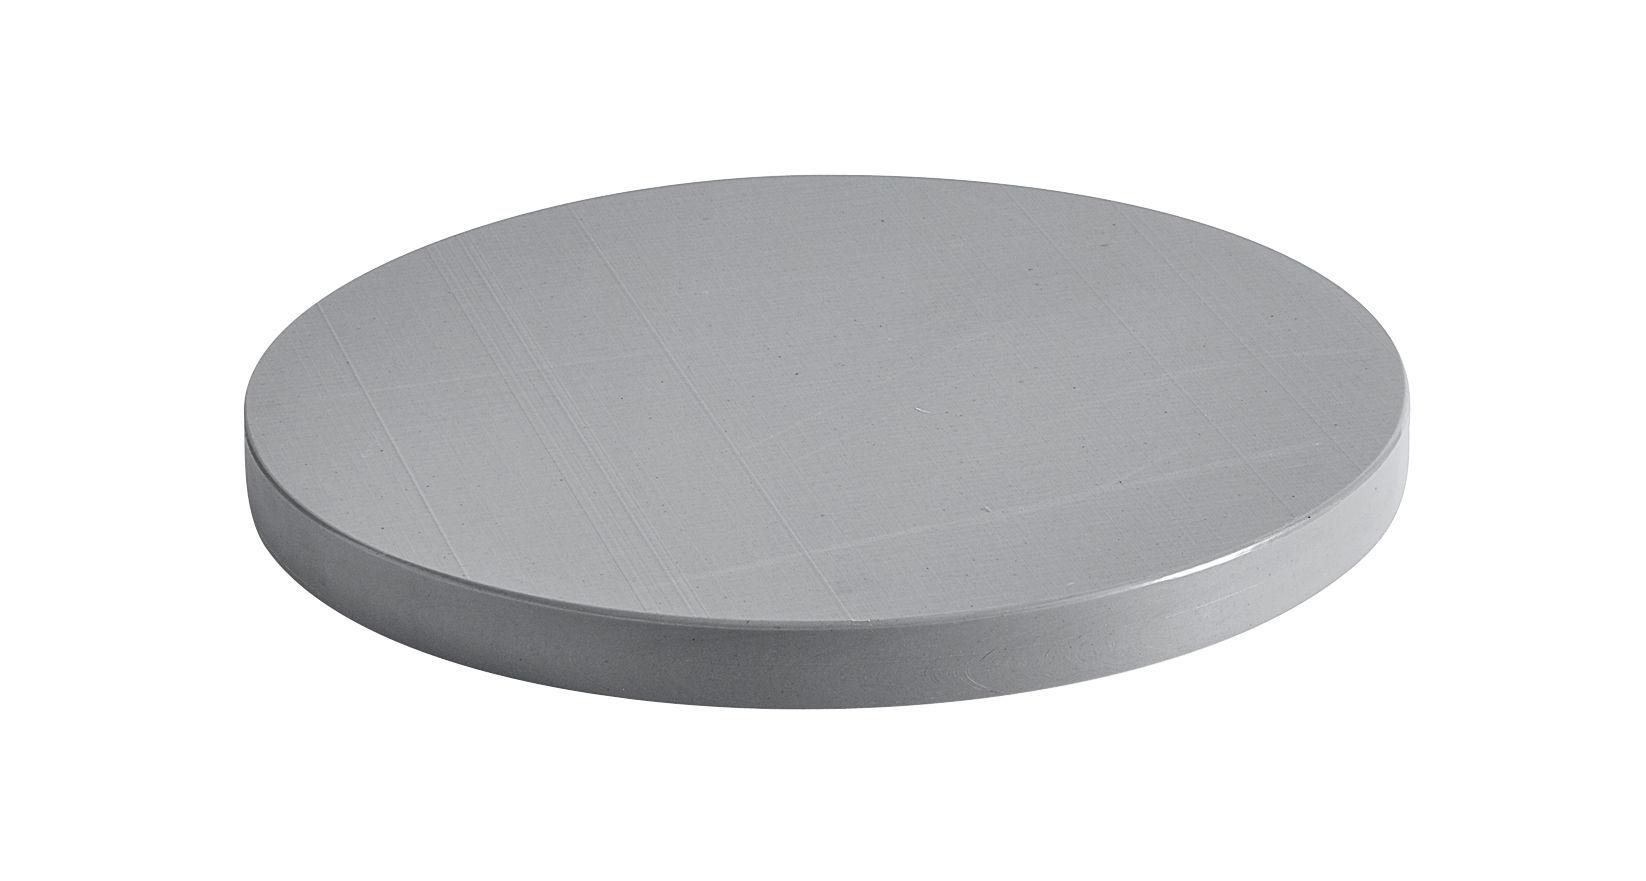 Cuisine - Ustensiles de cuisines - Planche à découper Large / Ø 34 cm - Polyéthylène - Hay - Gris - Polyéthylène